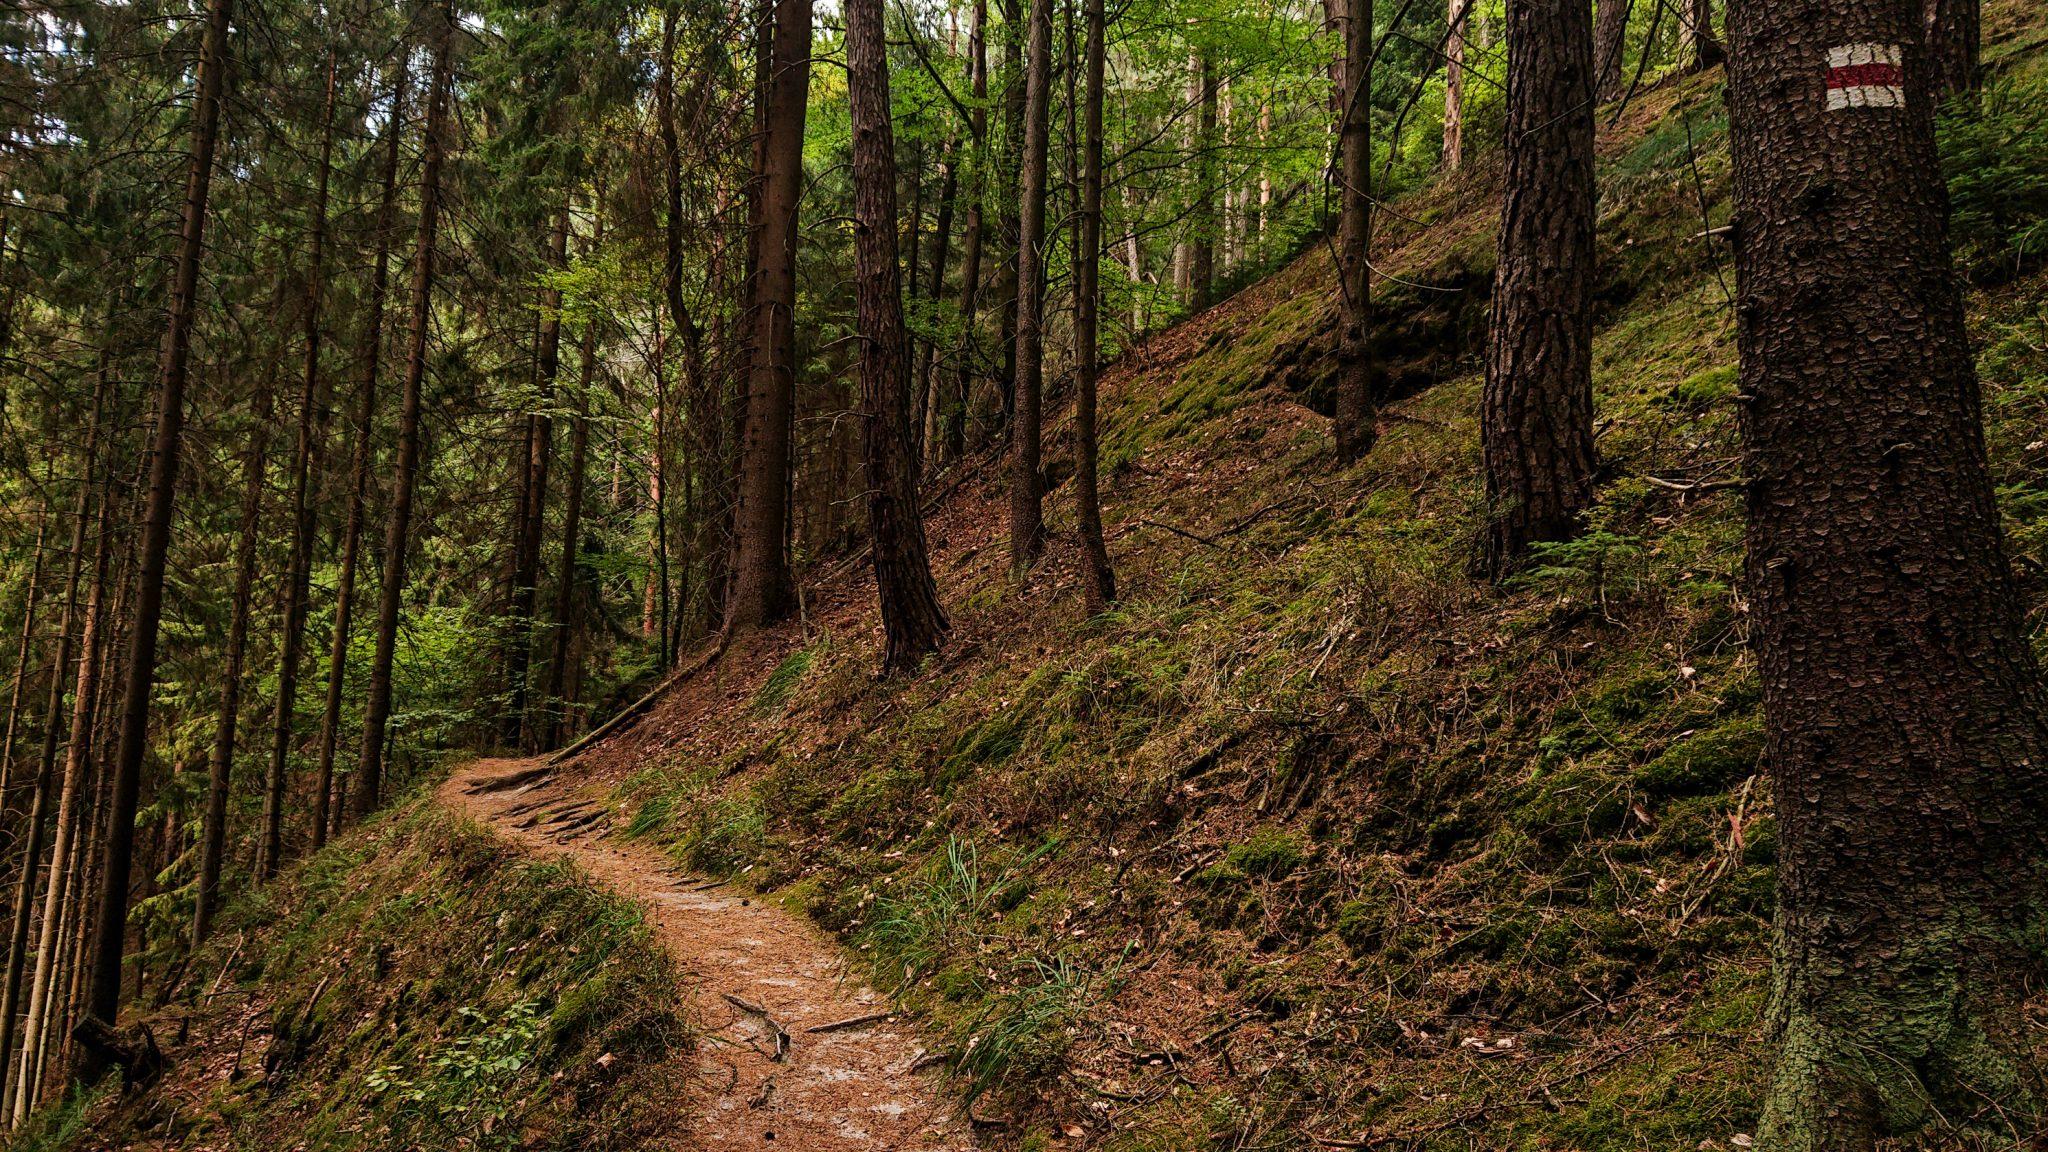 Zeughaus Hickelhöhle und Großer Reitsteig - im Kirnitzschtal wandern, Wanderweg im Wanderparadies Sächsische Schweiz mit vielen tollen Aussichten, riesiger Felsennationalpark, schmaler, abwechslungsreicher Pfad